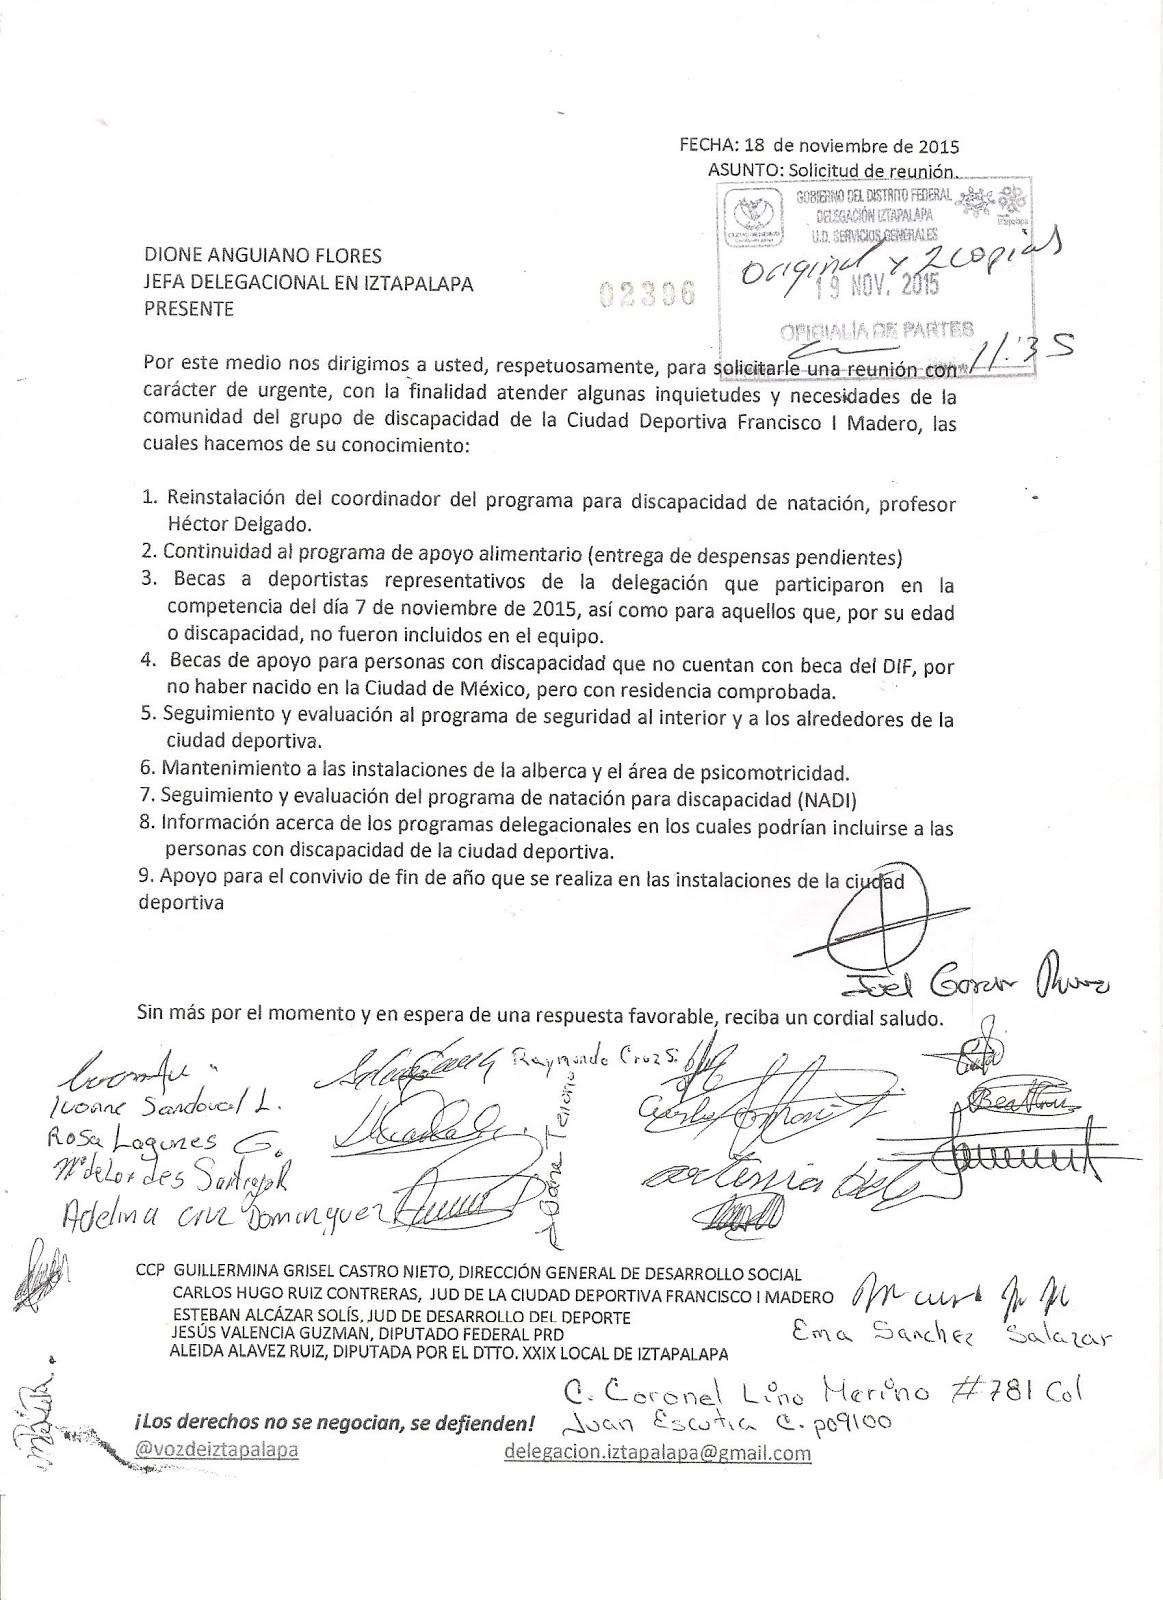 El pliego entregado en noviembre de 2015